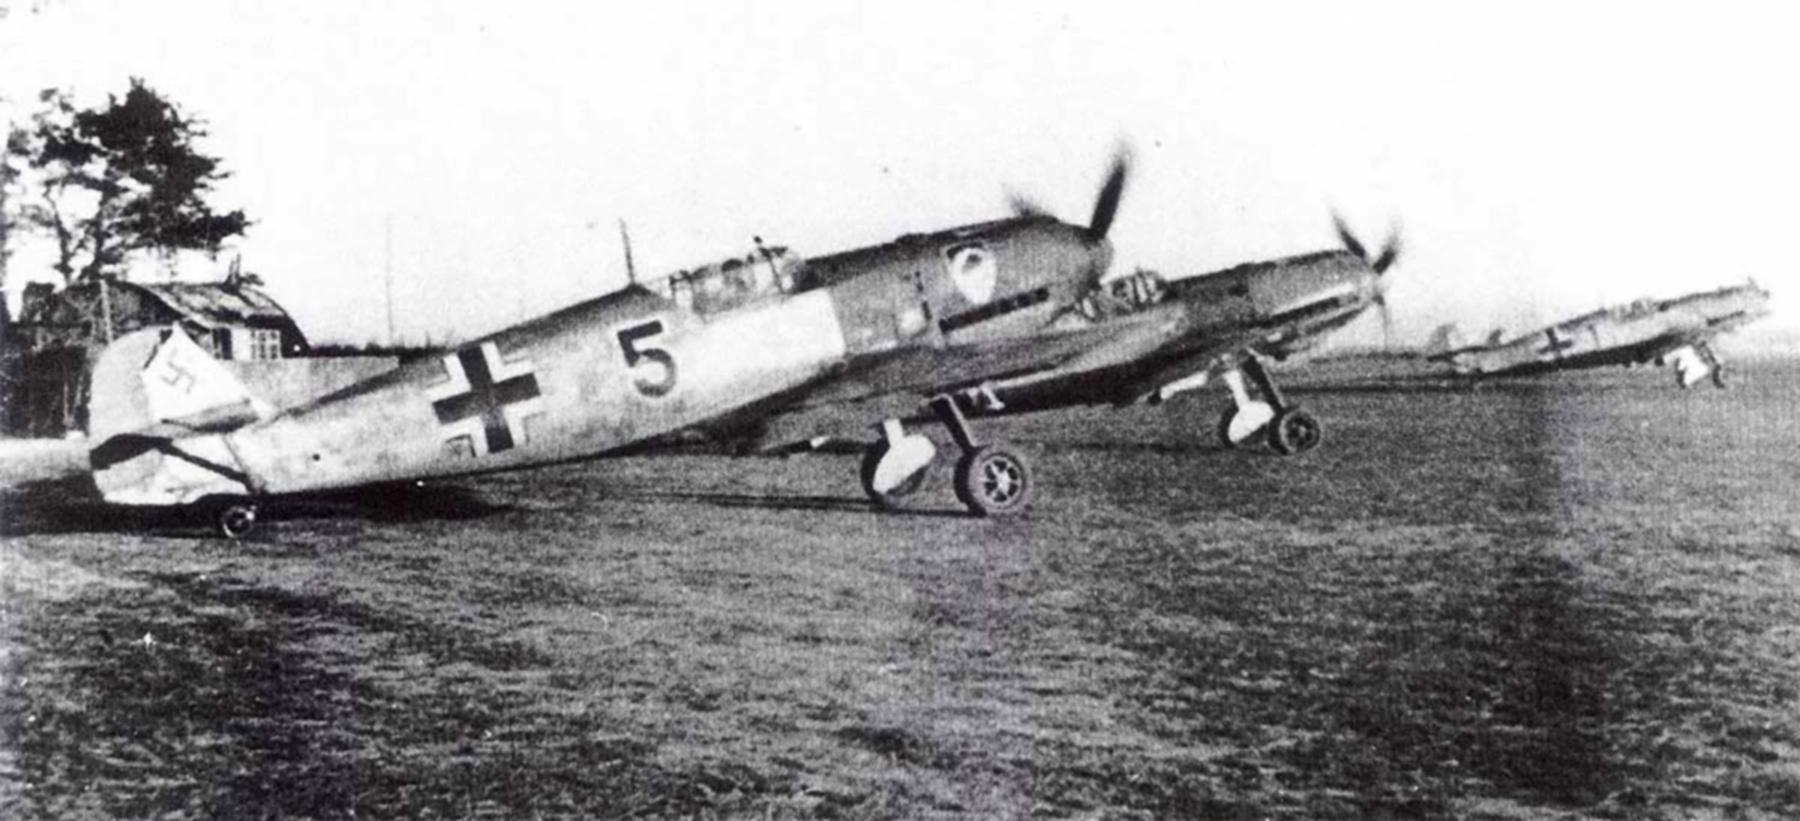 Messerschmitt Bf 109E3 2.JG52 Black 5 Helmut Bennemann Calais France 1940 02